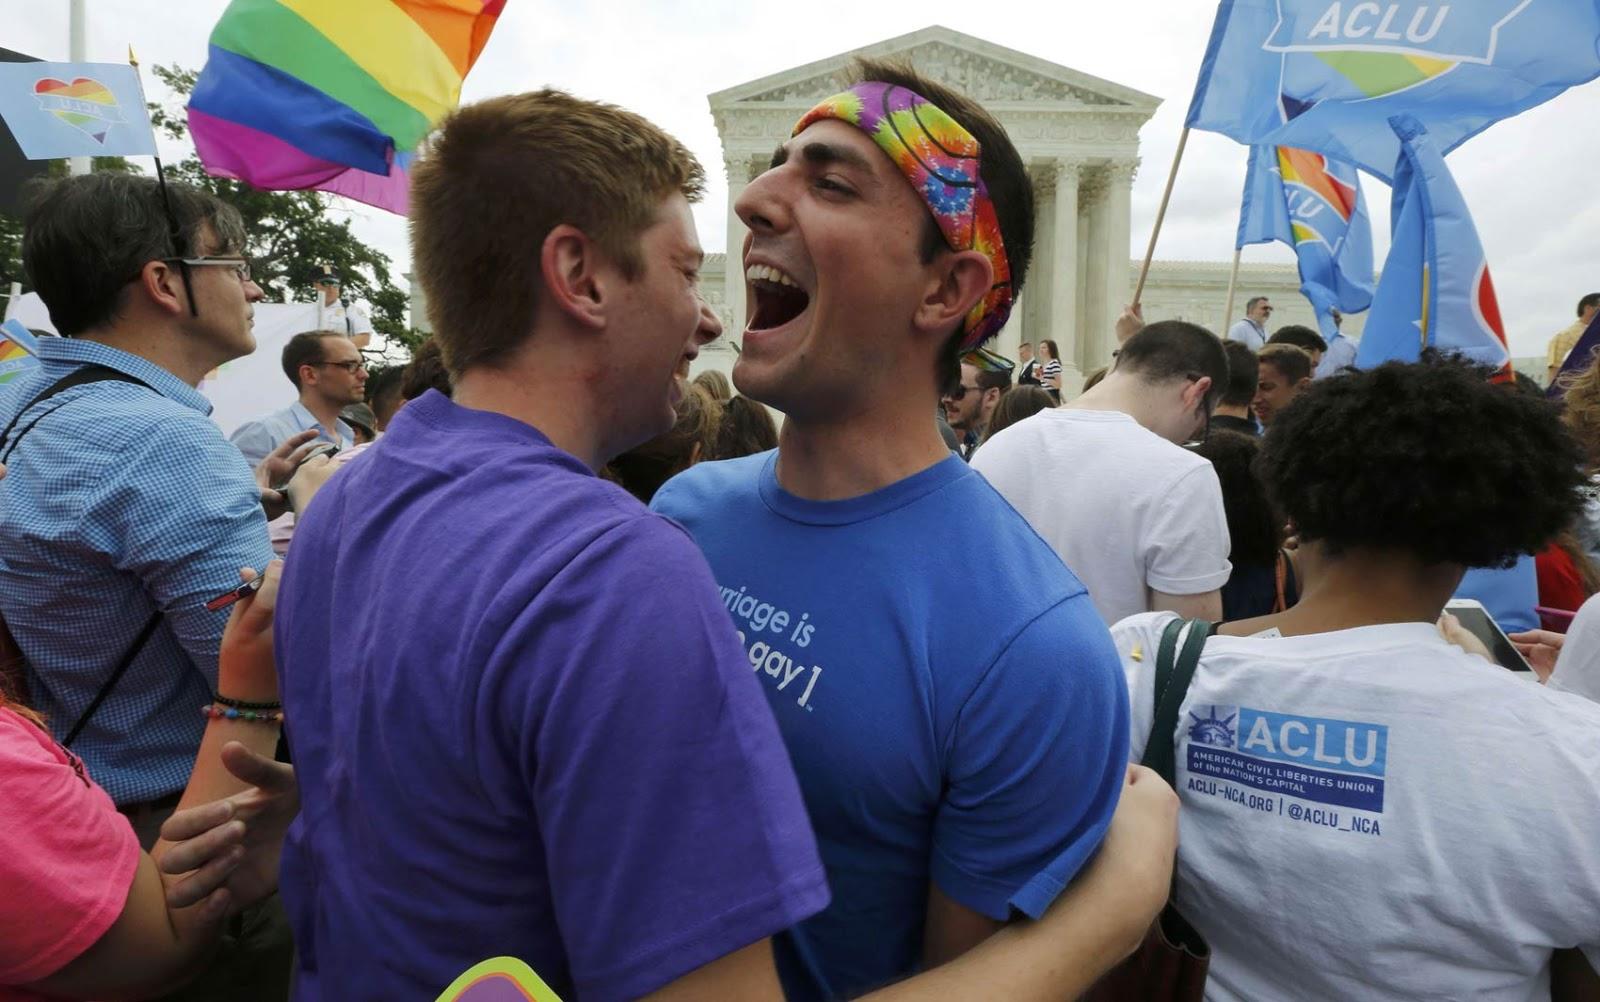 Apoiadores da luta por direitos LGBT celebram em frente ao prédio da Suprema Corte dos EUA em Washington DC, após a provação do casamento entre pessoas do mesmo sexo para todo o país.